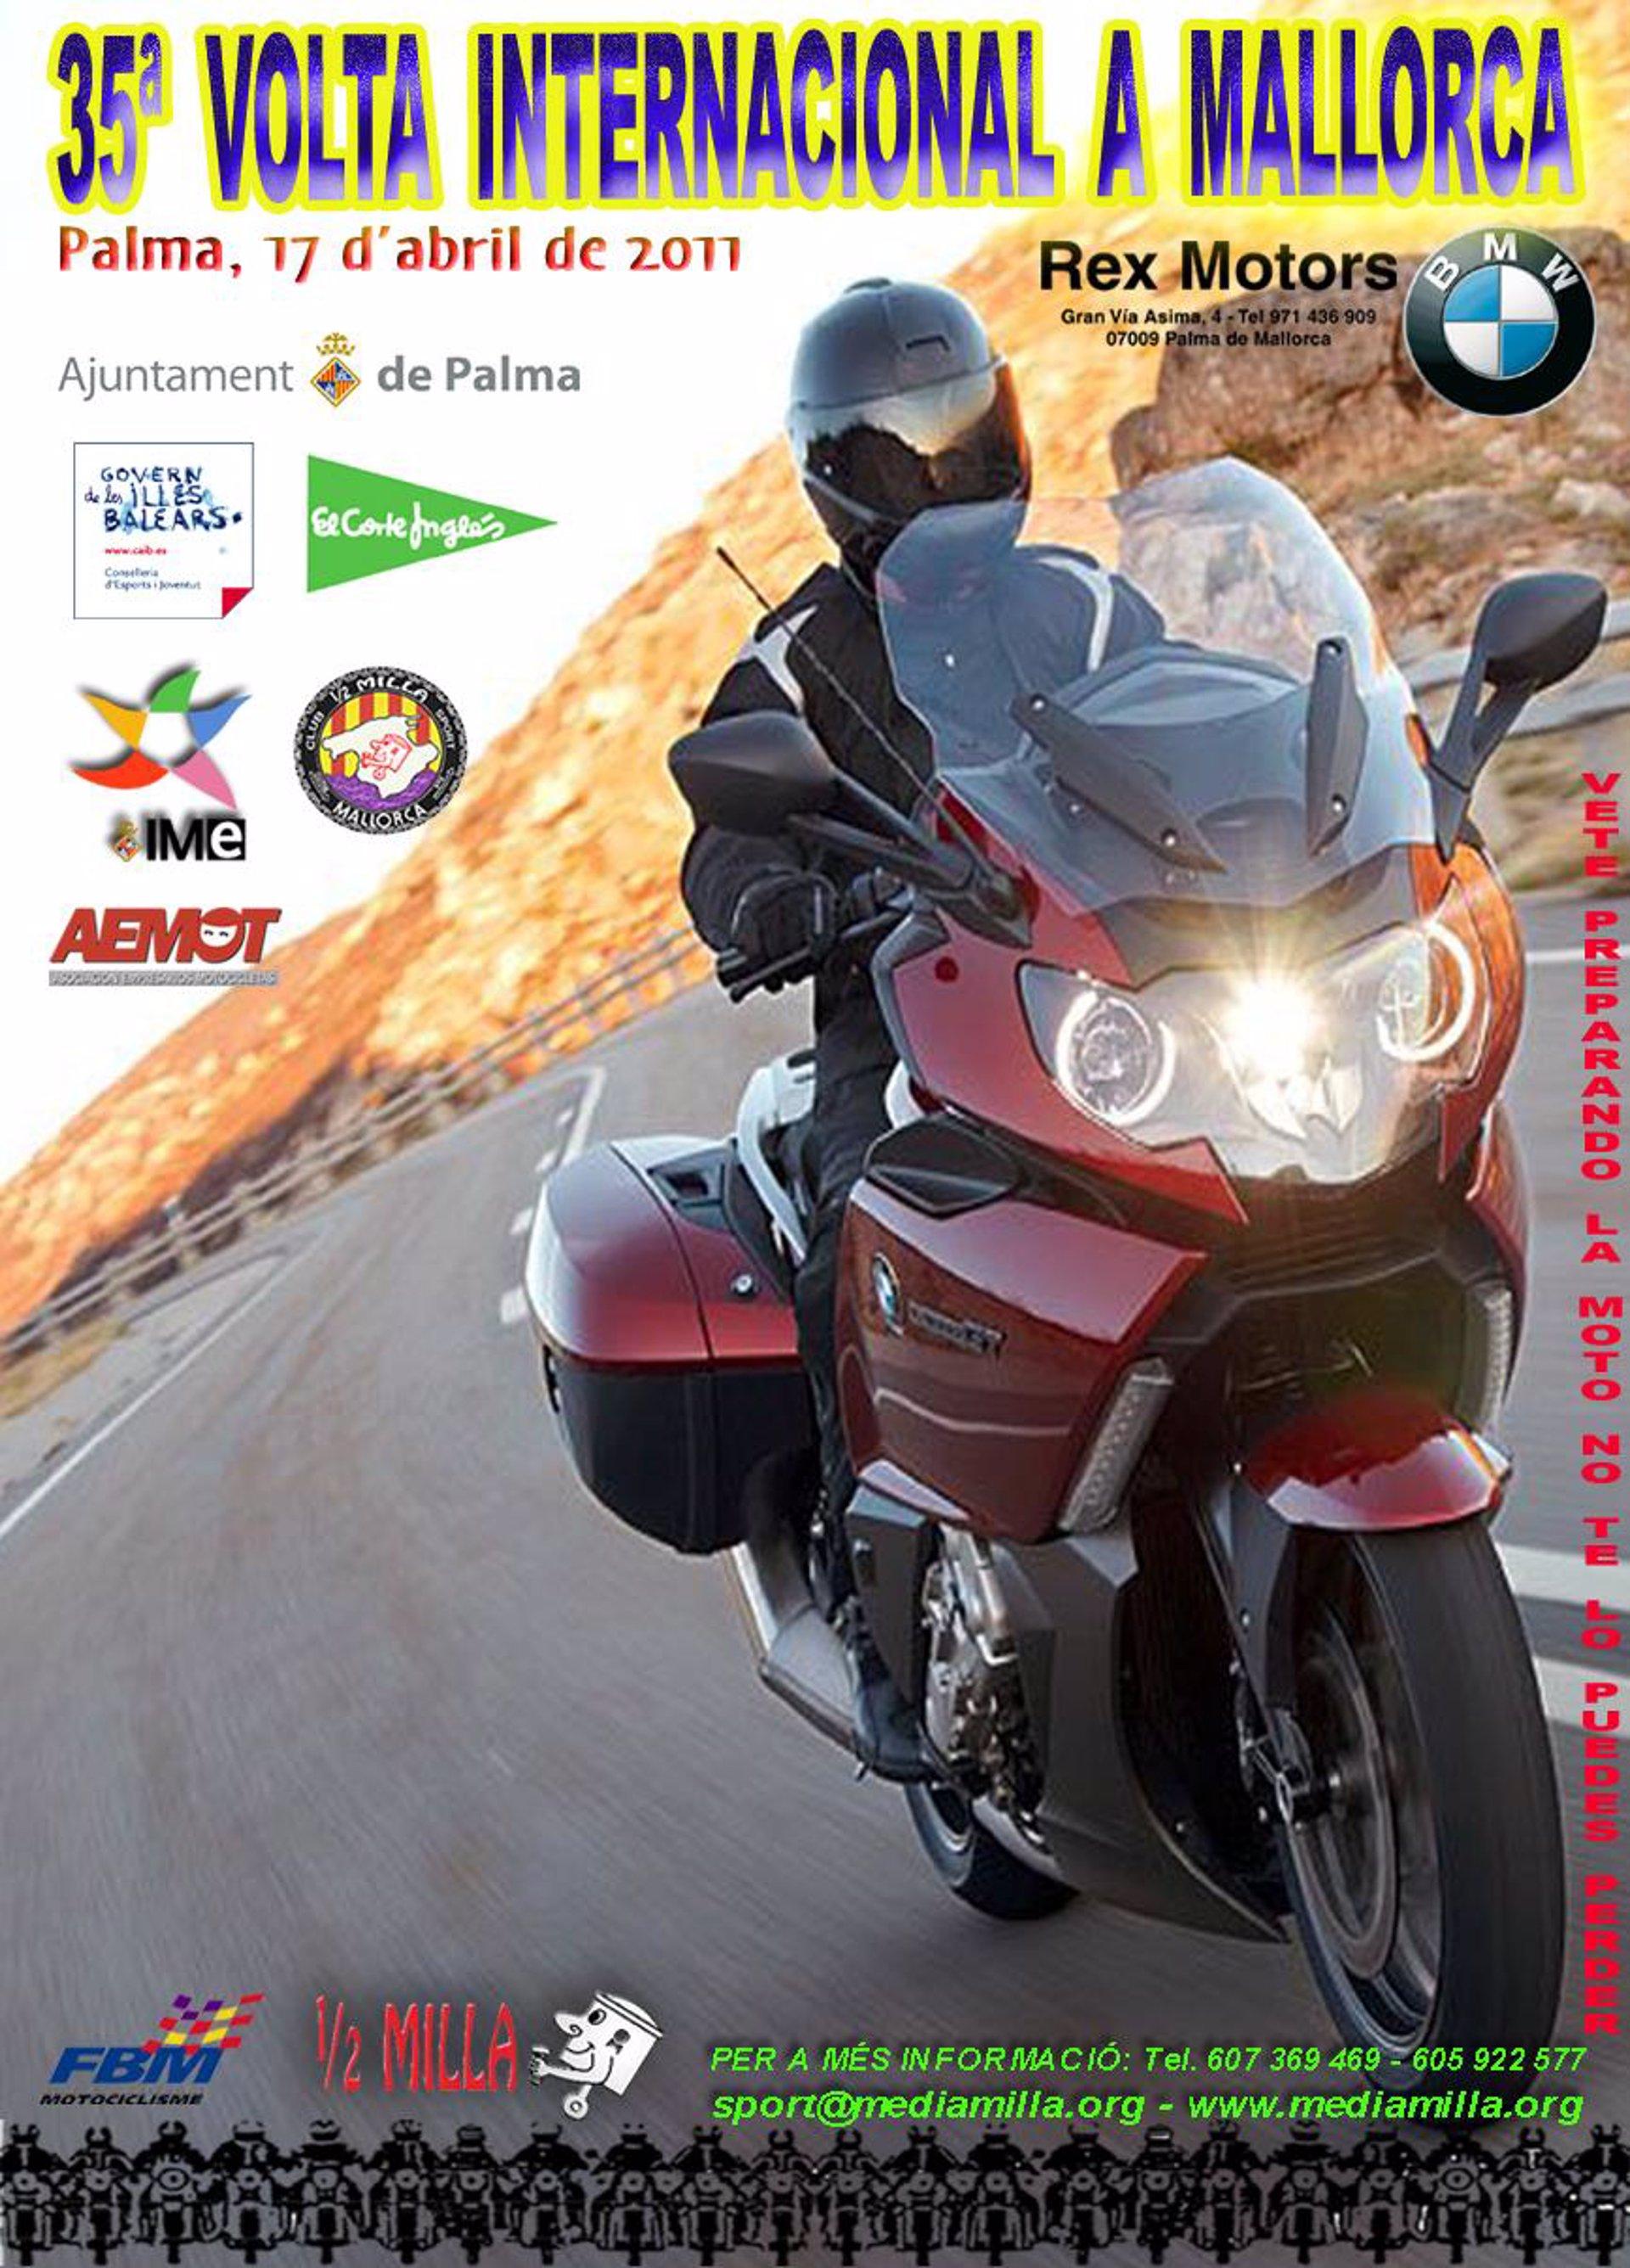 Mallorca celebra este domingo la 35 volta internacional en for Motos palma de mallorca